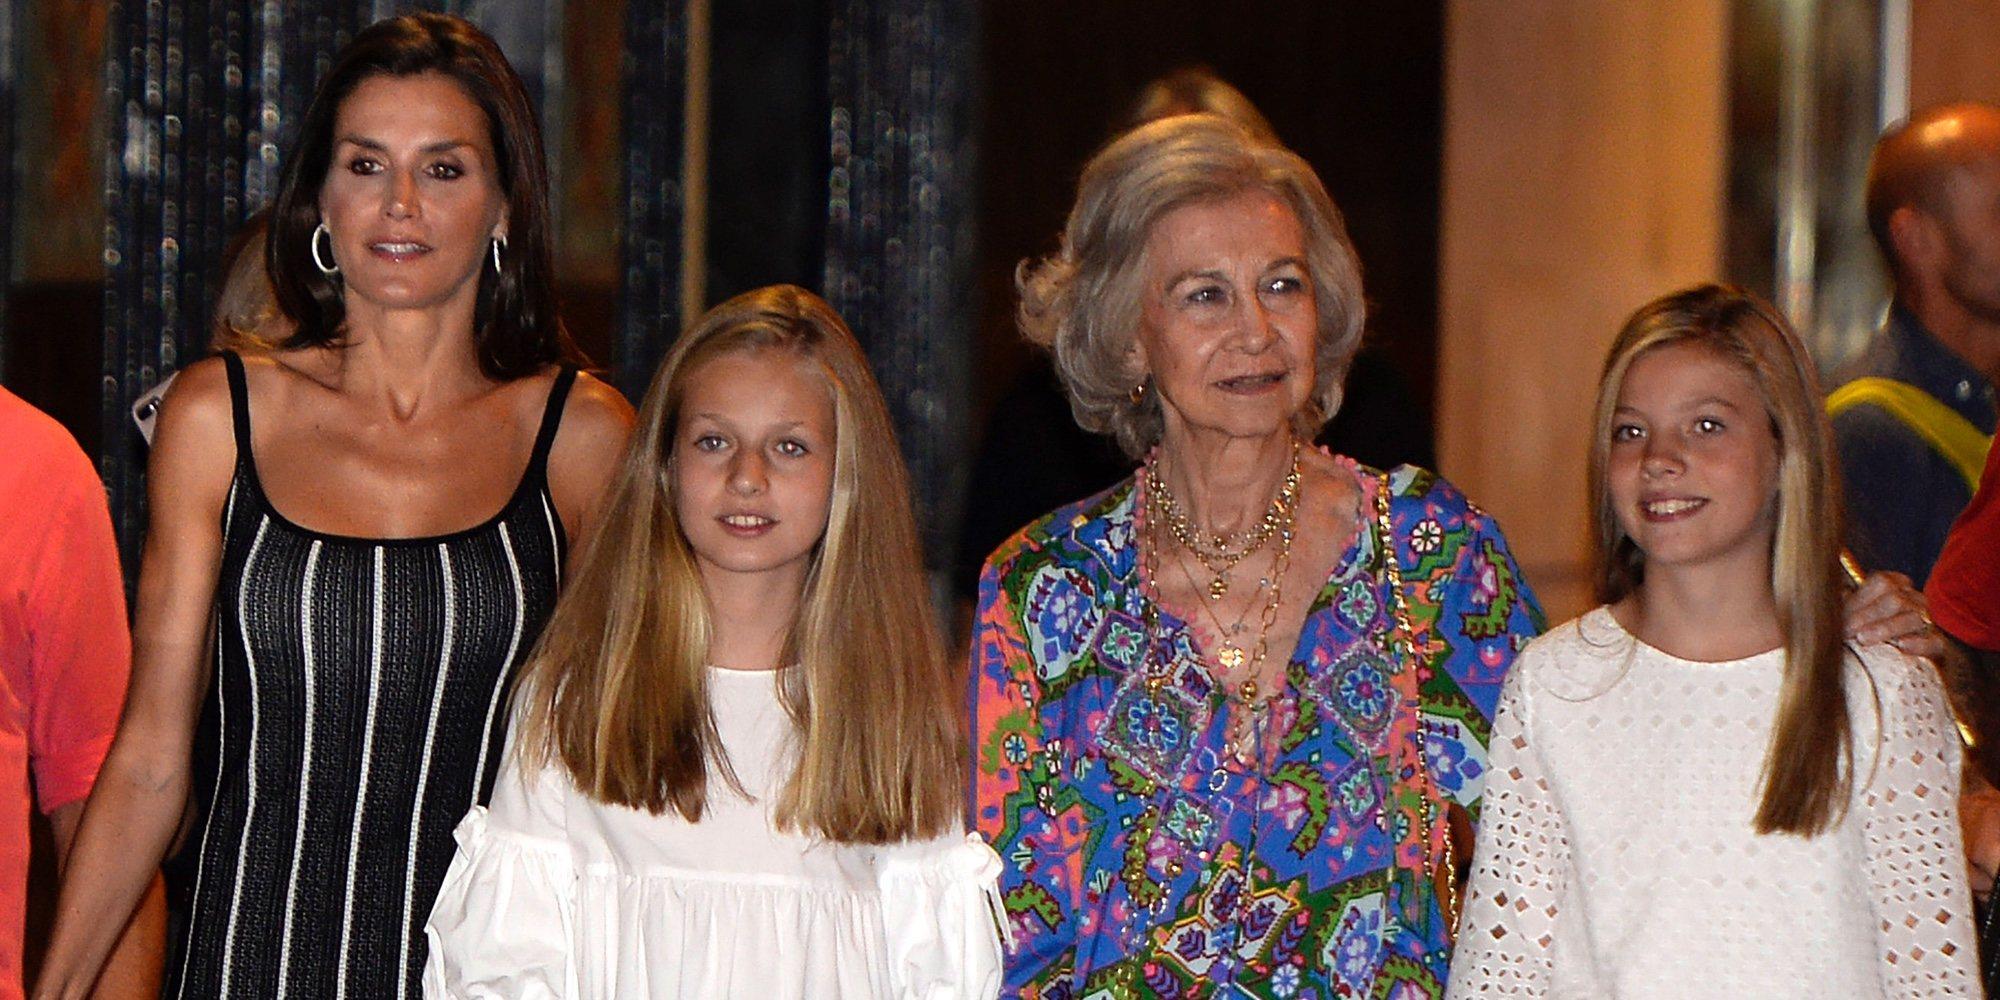 El plan cultural sin privilegios de la Reina Letizia, la Reina Sofía, la Princesa Leonor y la Infanta Sofía en Palma